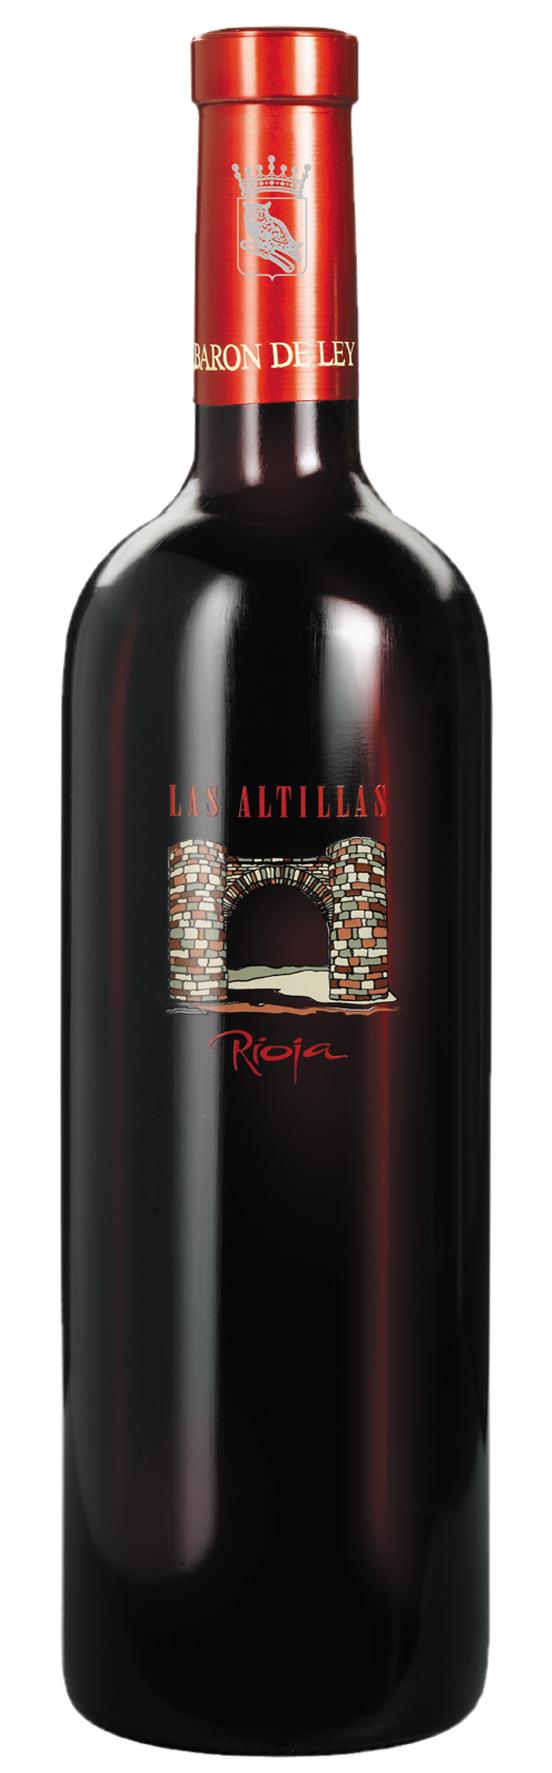 Barón de Ley- Rioja DOCa - Las Altillas